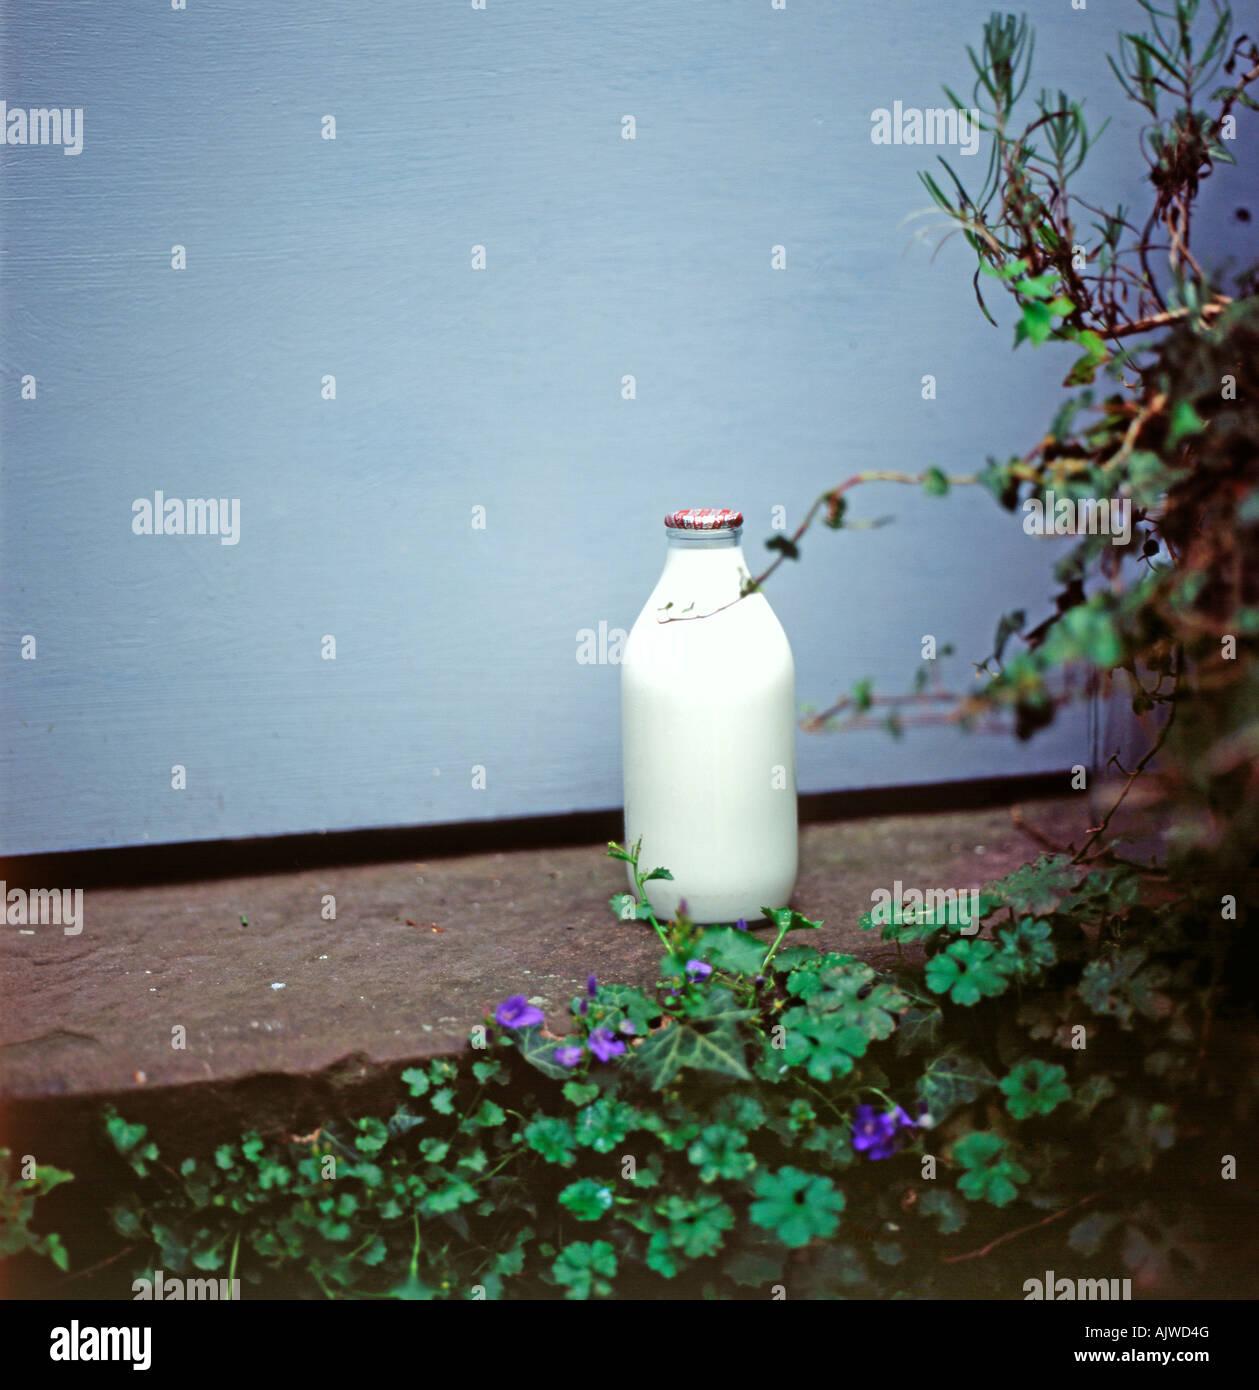 Un bicchiere di latte bottiglia su una porta di casa a Llanthony, Ewyas Valley, Wales, Regno Unito KATHY DEWITT Immagini Stock